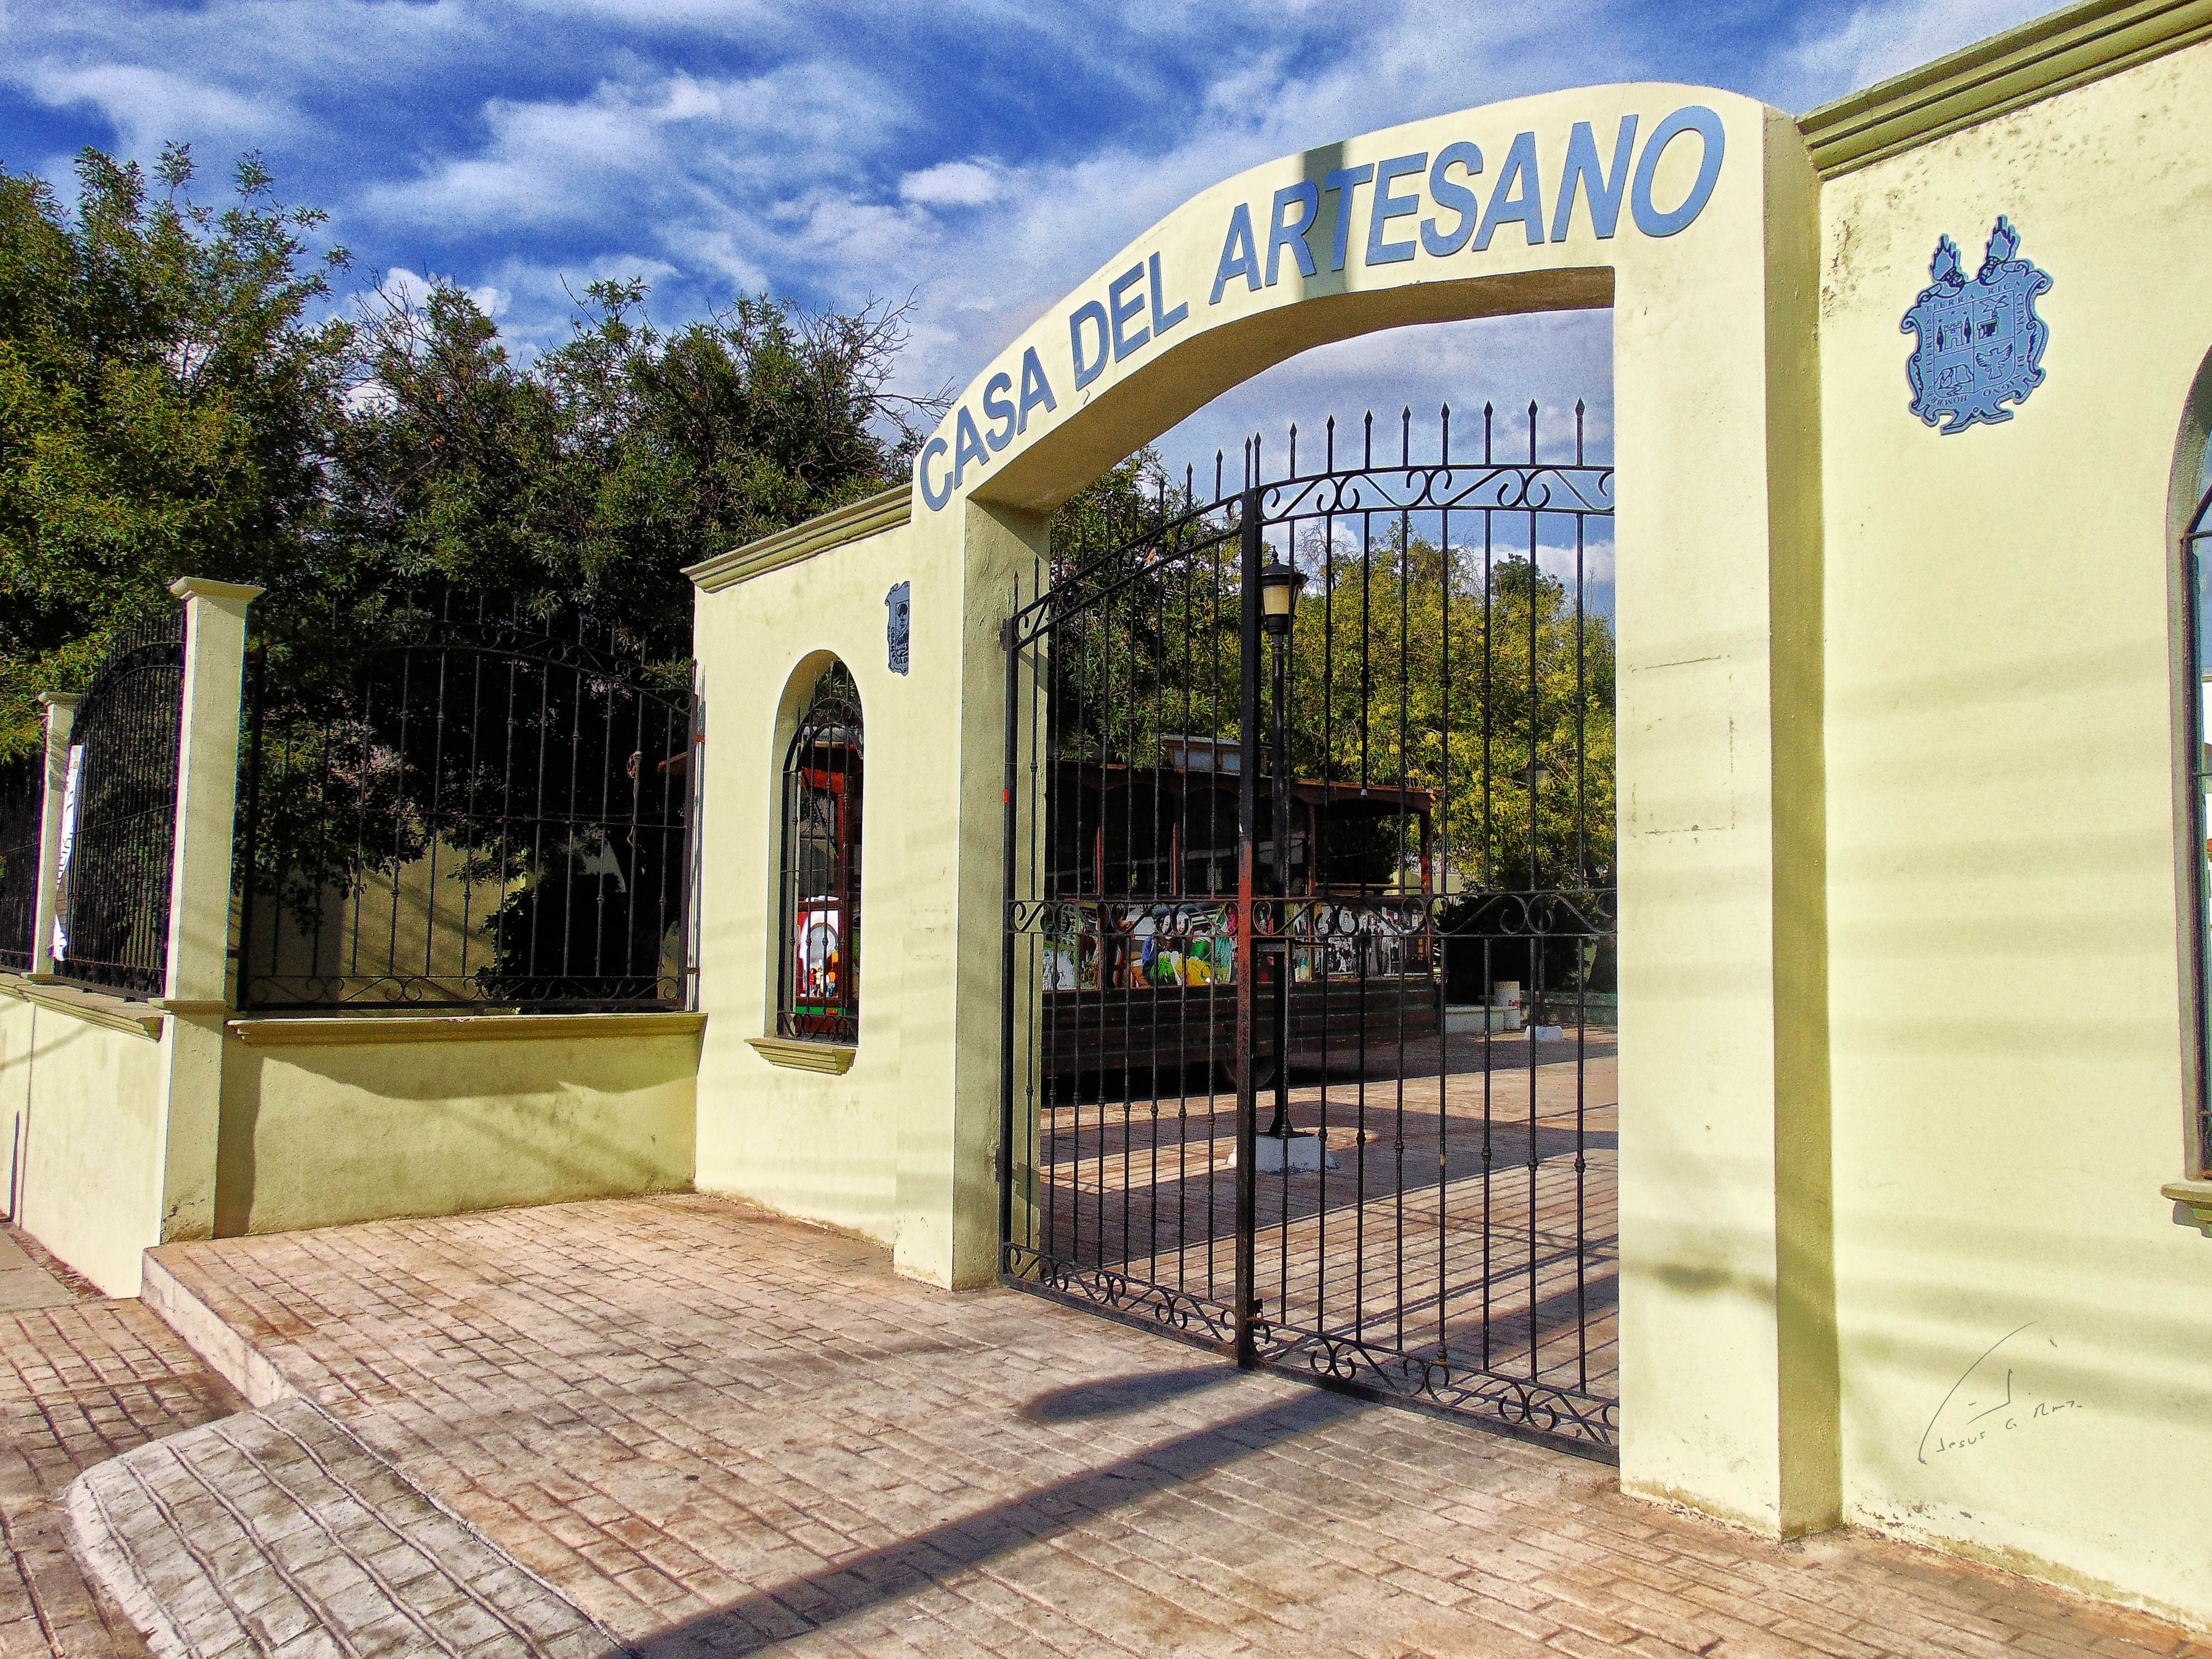 Saltillo, Coah, Casa del Artesano